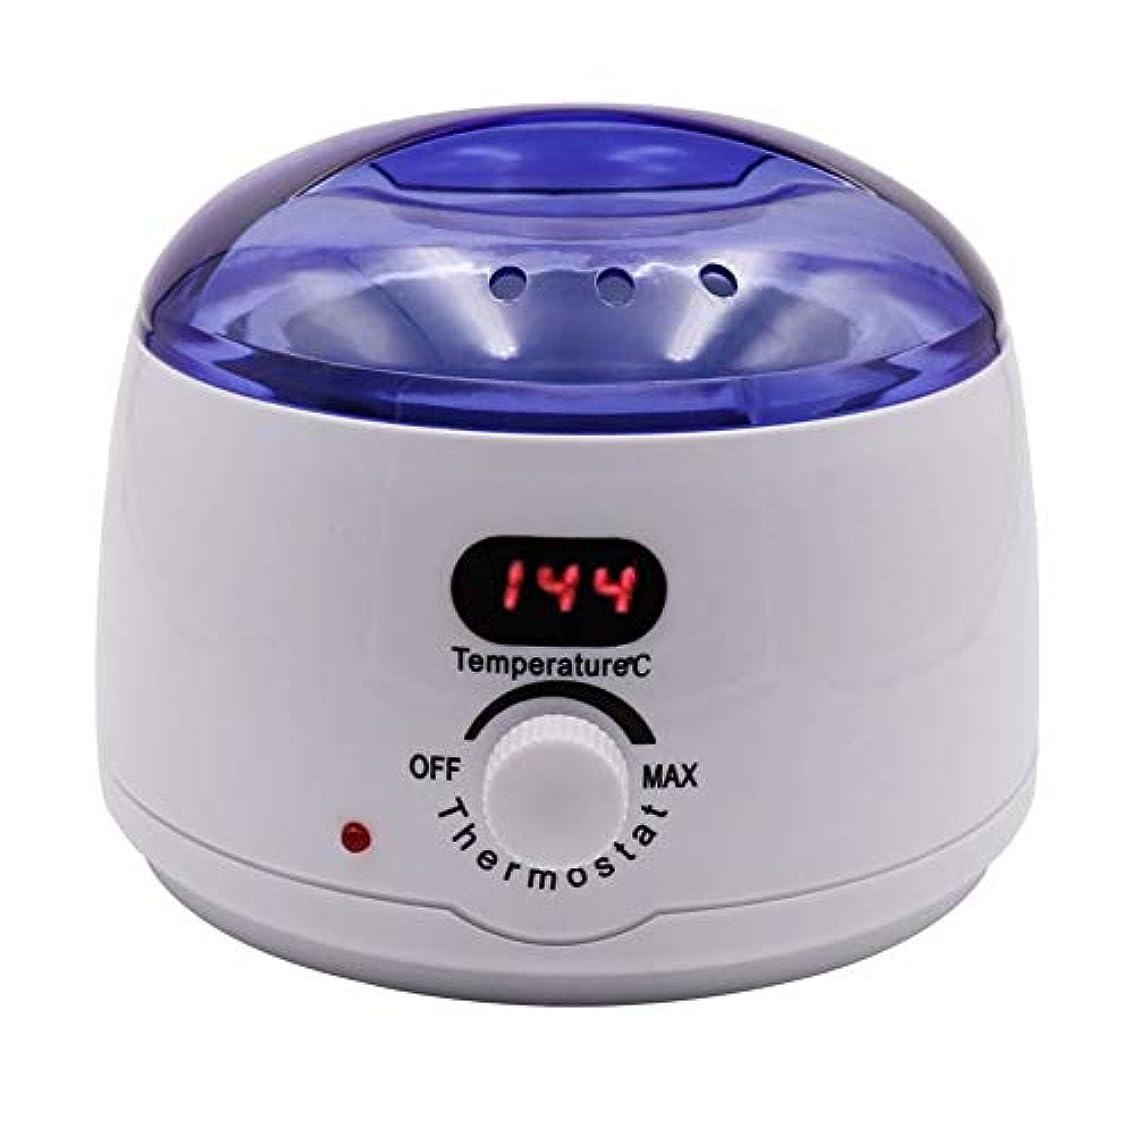 少数ネックレット影のある脱毛、デジタル表示温度メルティングワックスポットインテリジェント加熱多機能ホームワックスマシン女性/男性500CCのための専門の電気ワックスウォーマーヒーターメルター